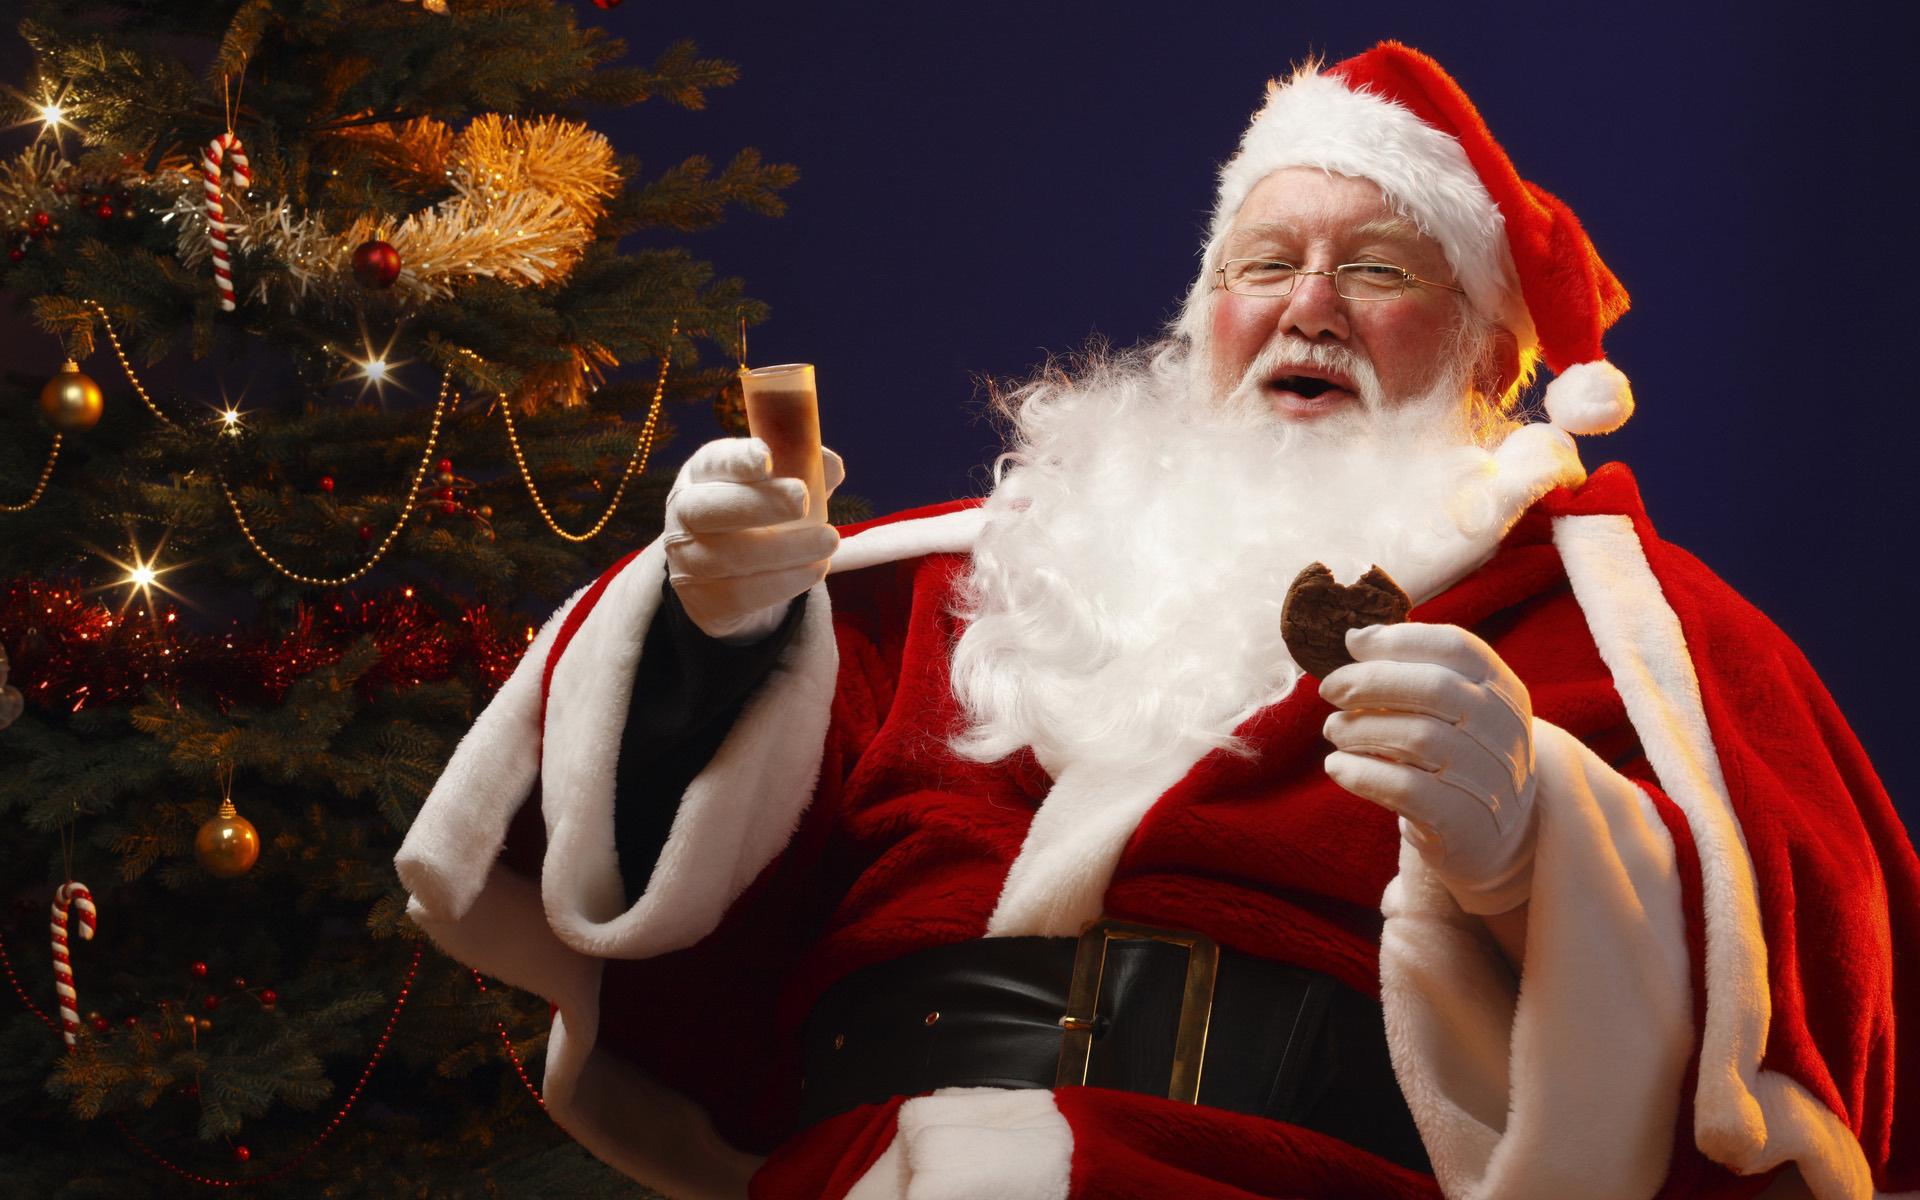 30067 descargar fondo de pantalla Vacaciones, Personas, Año Nuevo, Papá Noel, Navidad: protectores de pantalla e imágenes gratis